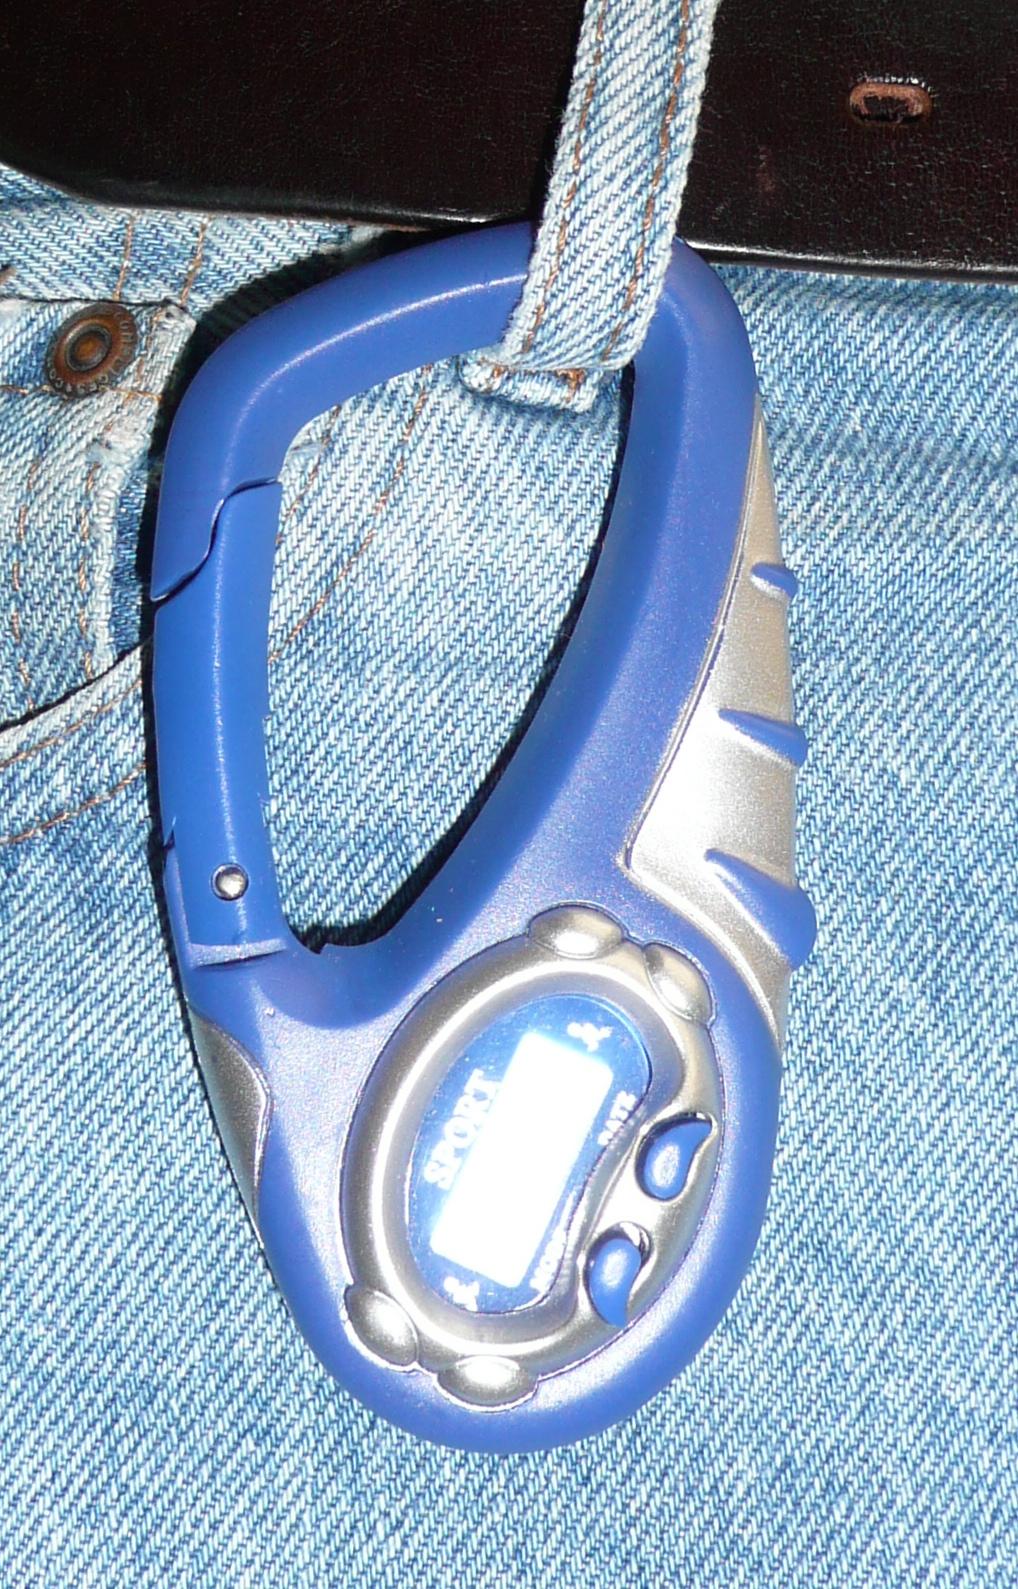 Une montre de ceinture à affichage digital - Un amer dans le cybermonde e8fd8b534f8